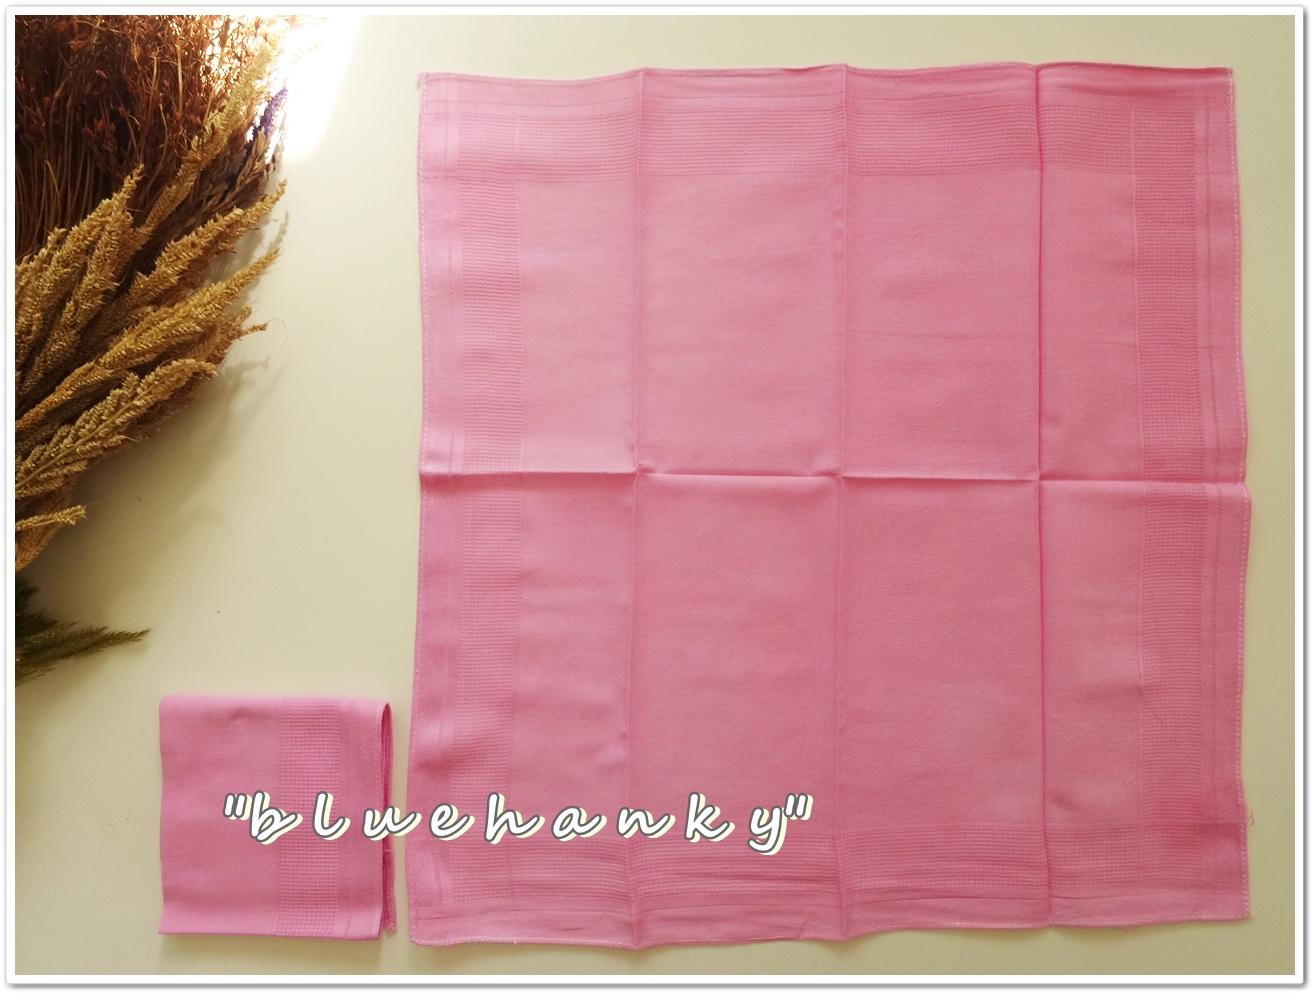 ผ้าเช็ดหน้าสีพื้น สีชมพู